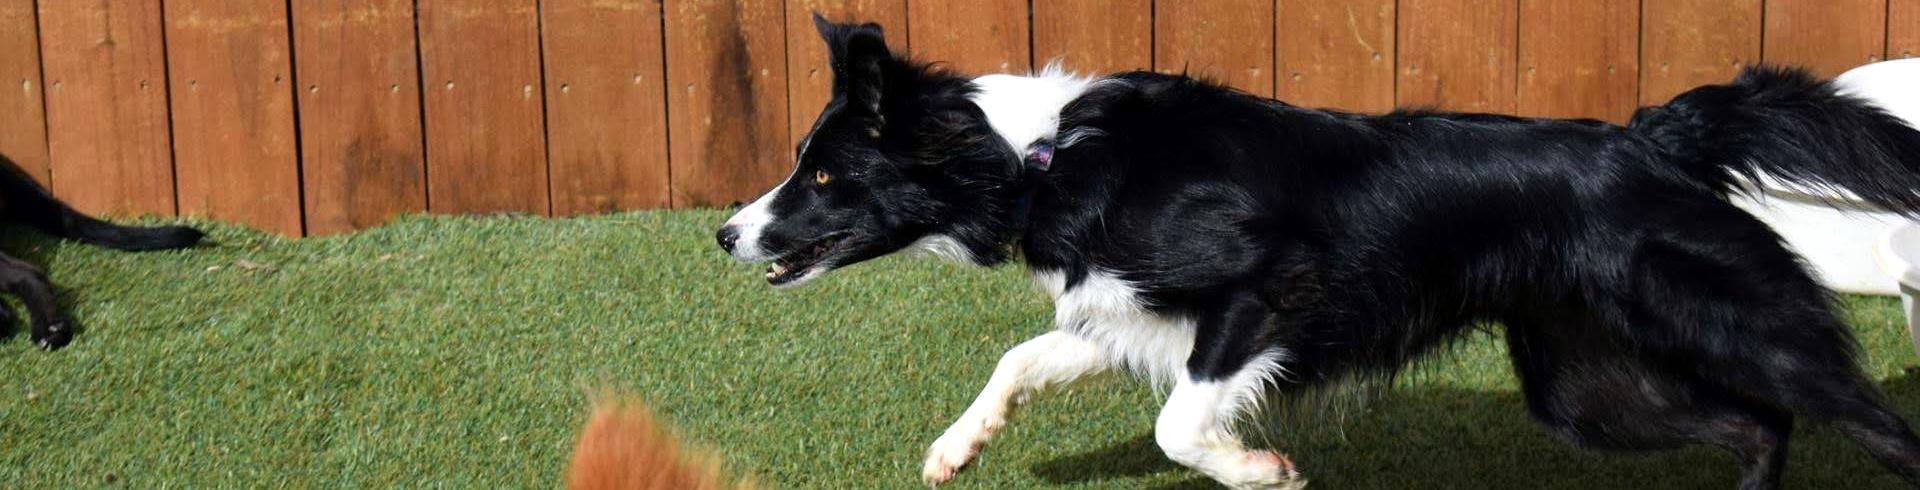 Volunteer & Help Dogs In Need